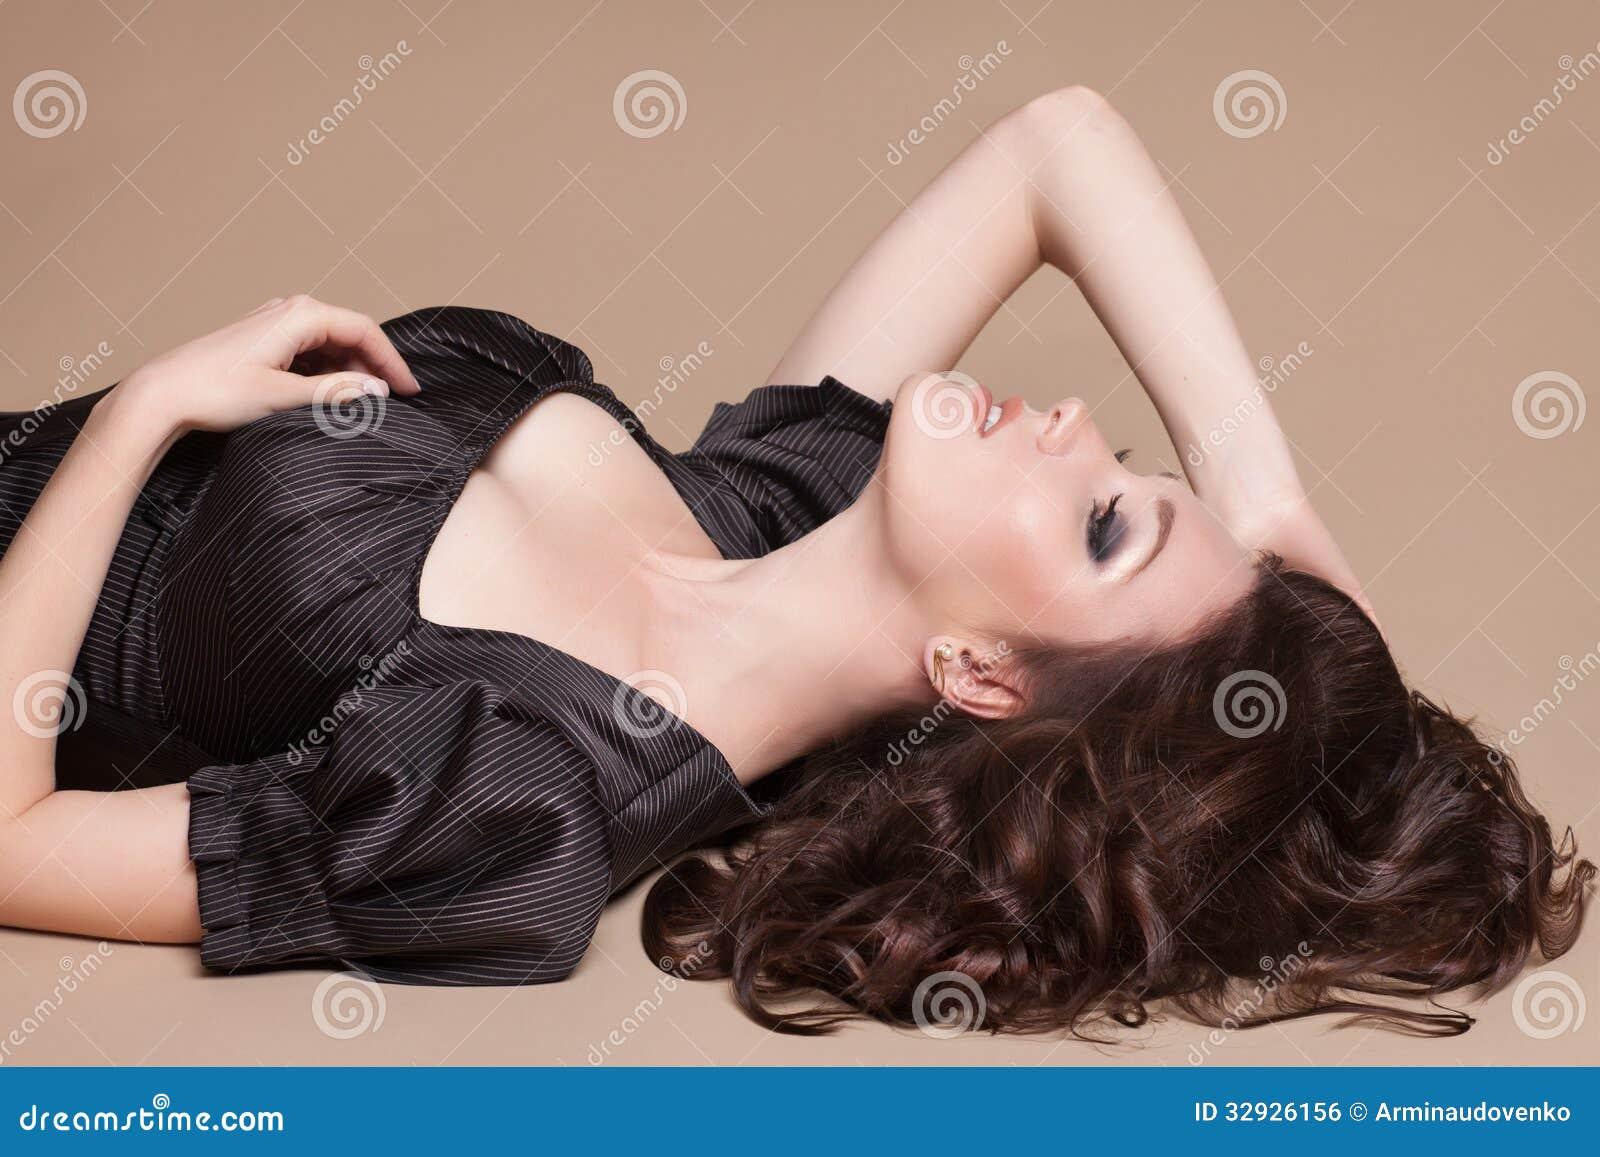 Adatti la donna castana con la ragazza marrone dei capelli ricci con pelle perfetta e trucco. Retro di modello di bellezza